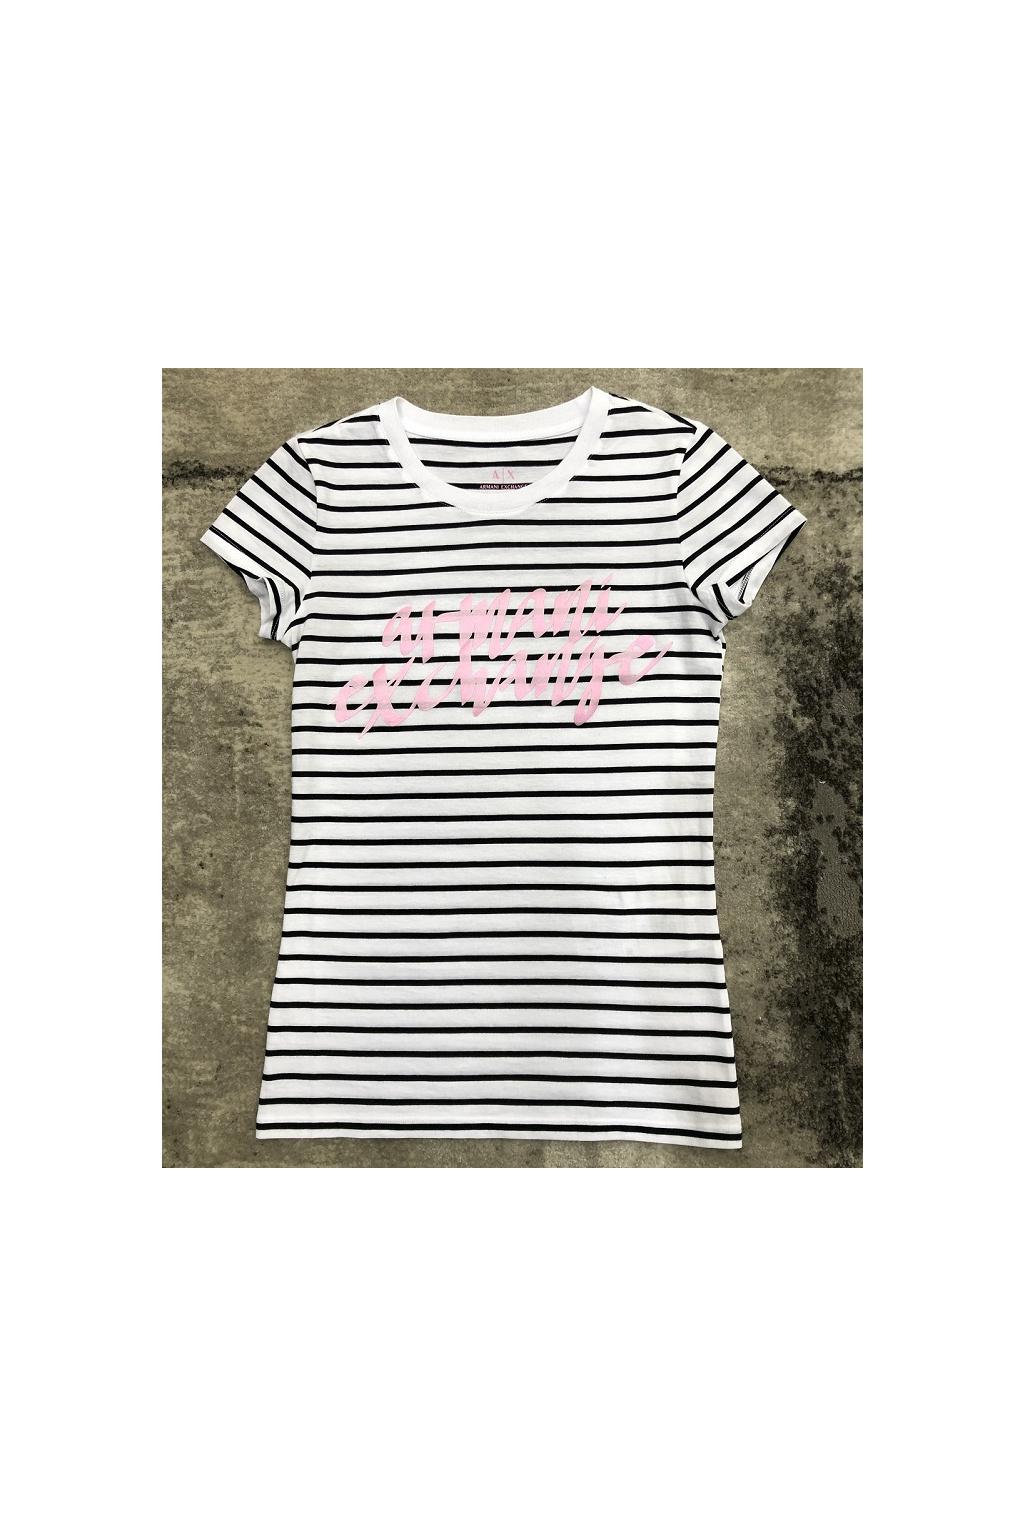 6HYTAL YJ73Z 8163 Dámské tričko Armani Exchange bílé